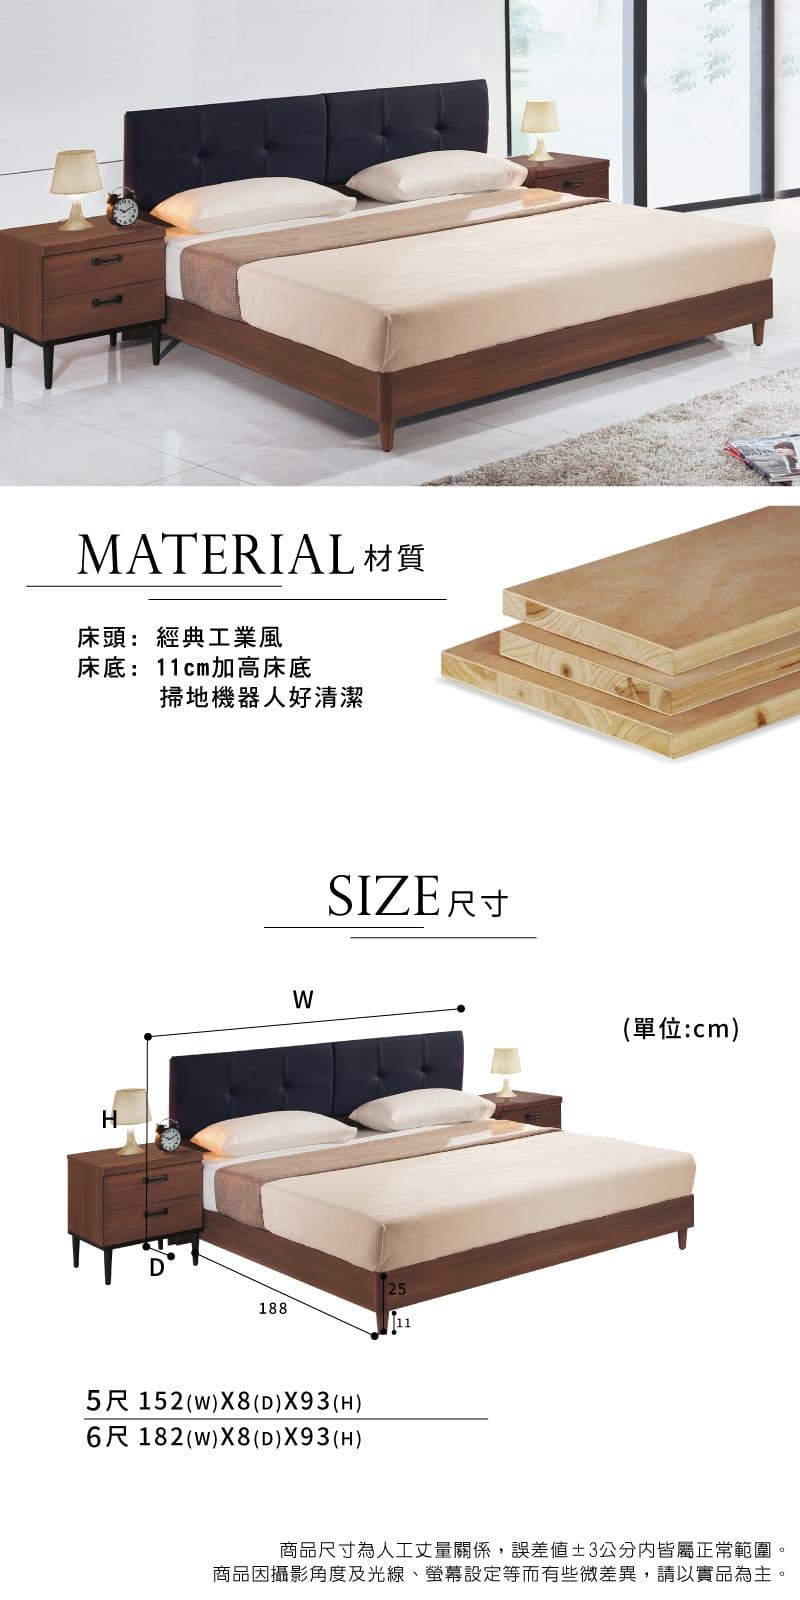 床頭箱片 雙人5尺【工業風】